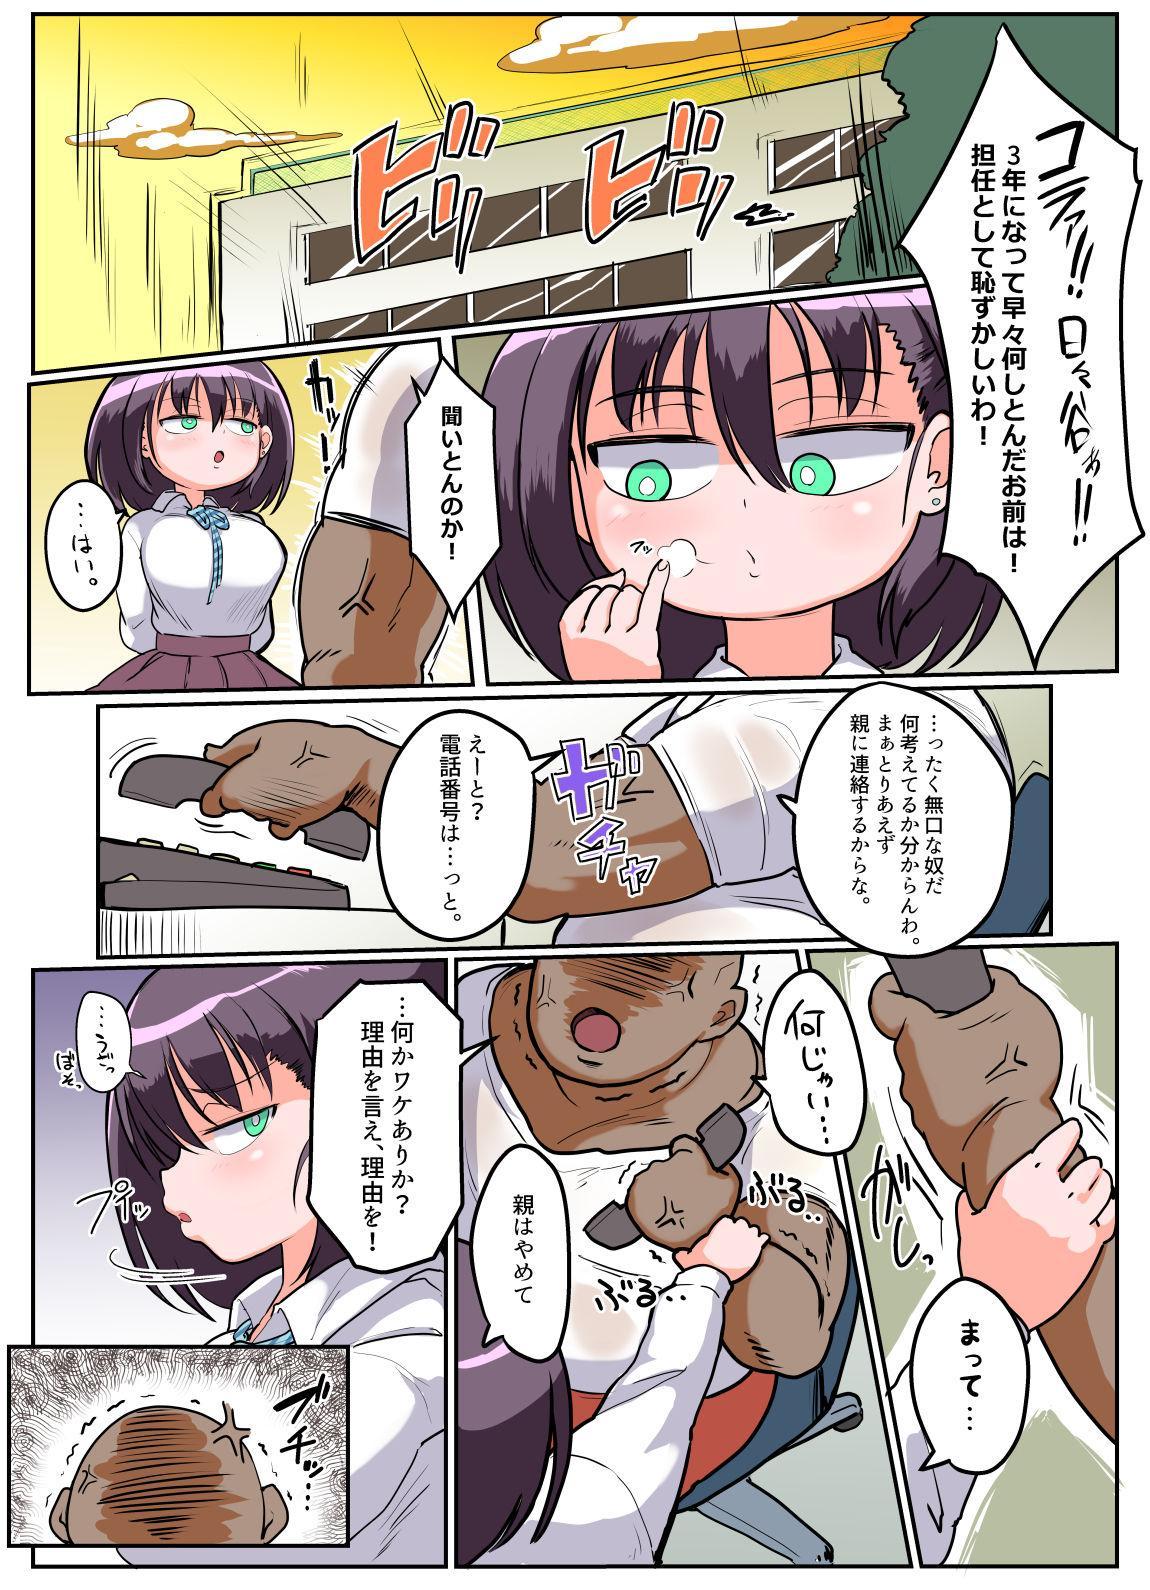 [Ranchi Kibun] Mukiryoku Mukuchikei JK Hibiya-san - Ukkari Sensei no Kakitare ni Nacchaimashita. 3